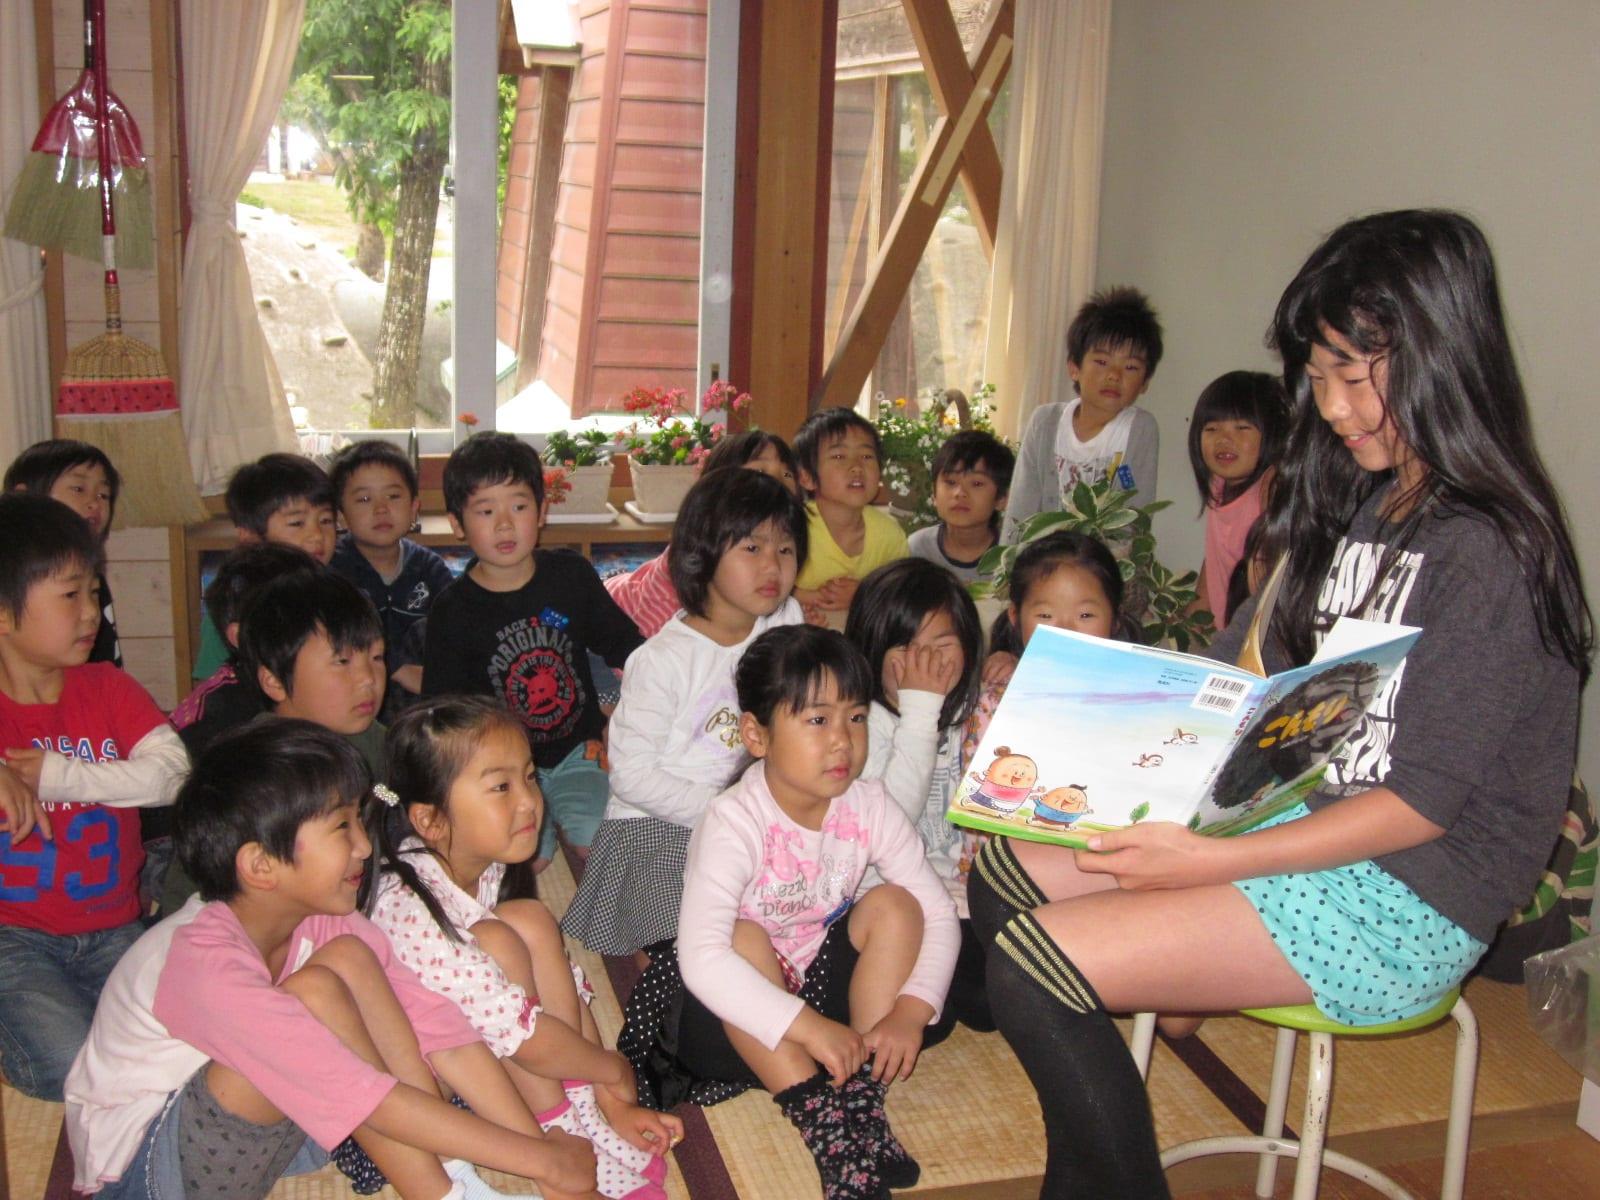 【画像】女子小学生のおいしそうな太もも [転載禁止]©2ch.net [342992884]->画像>20枚